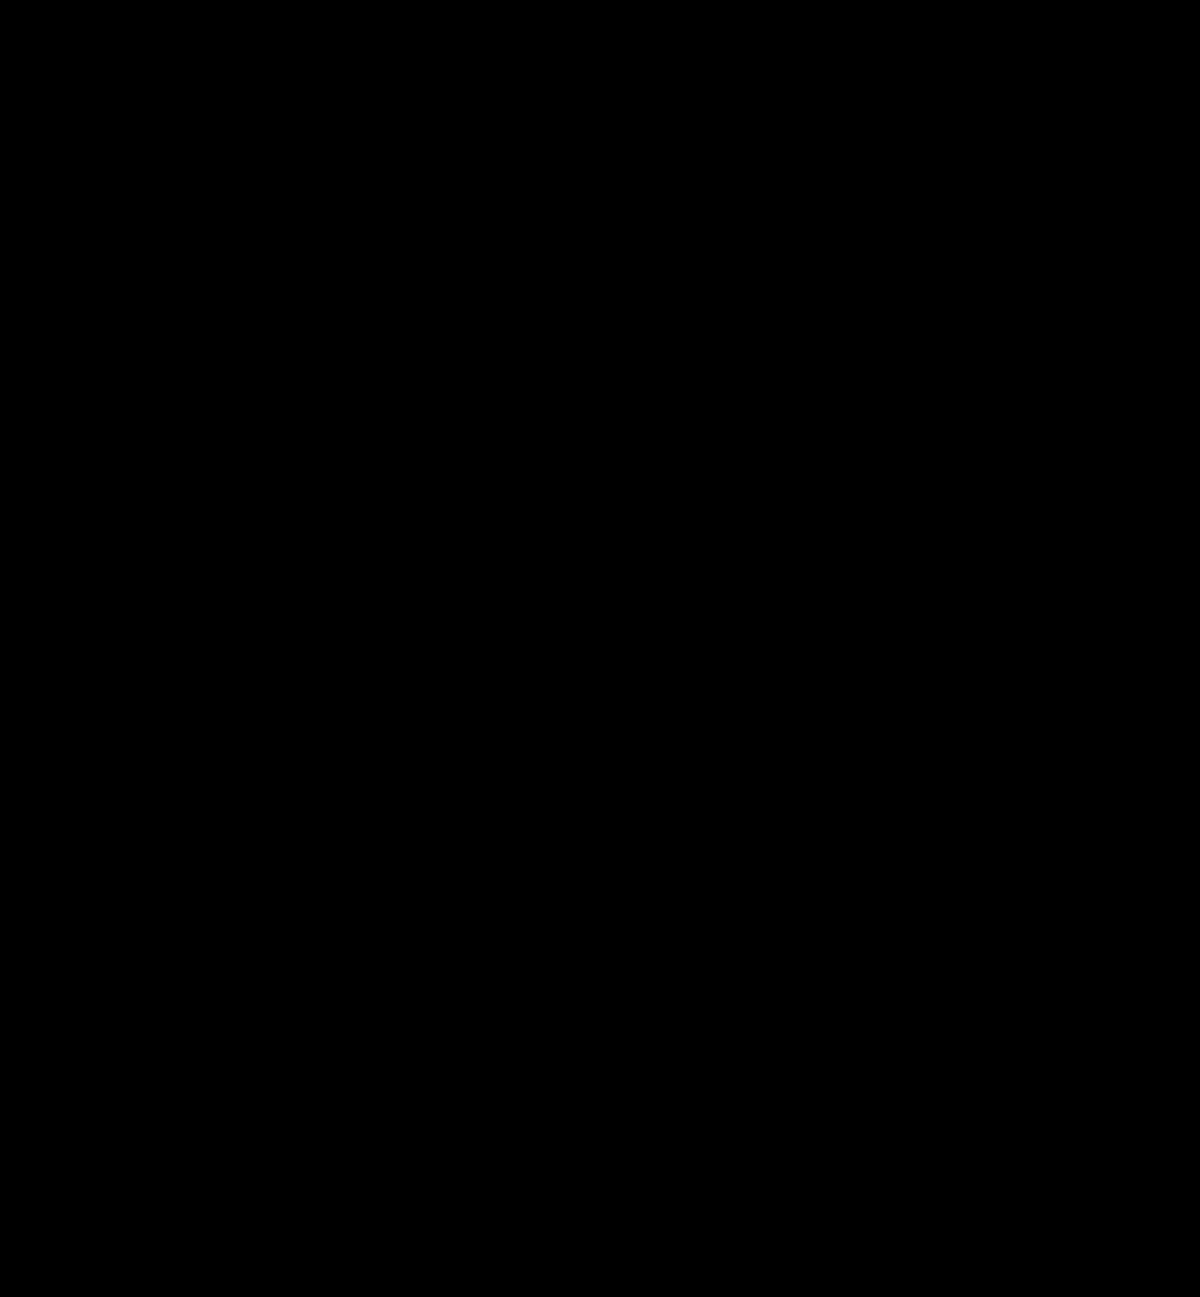 является картинки тату эскизы на белом фоне модель, позирующие